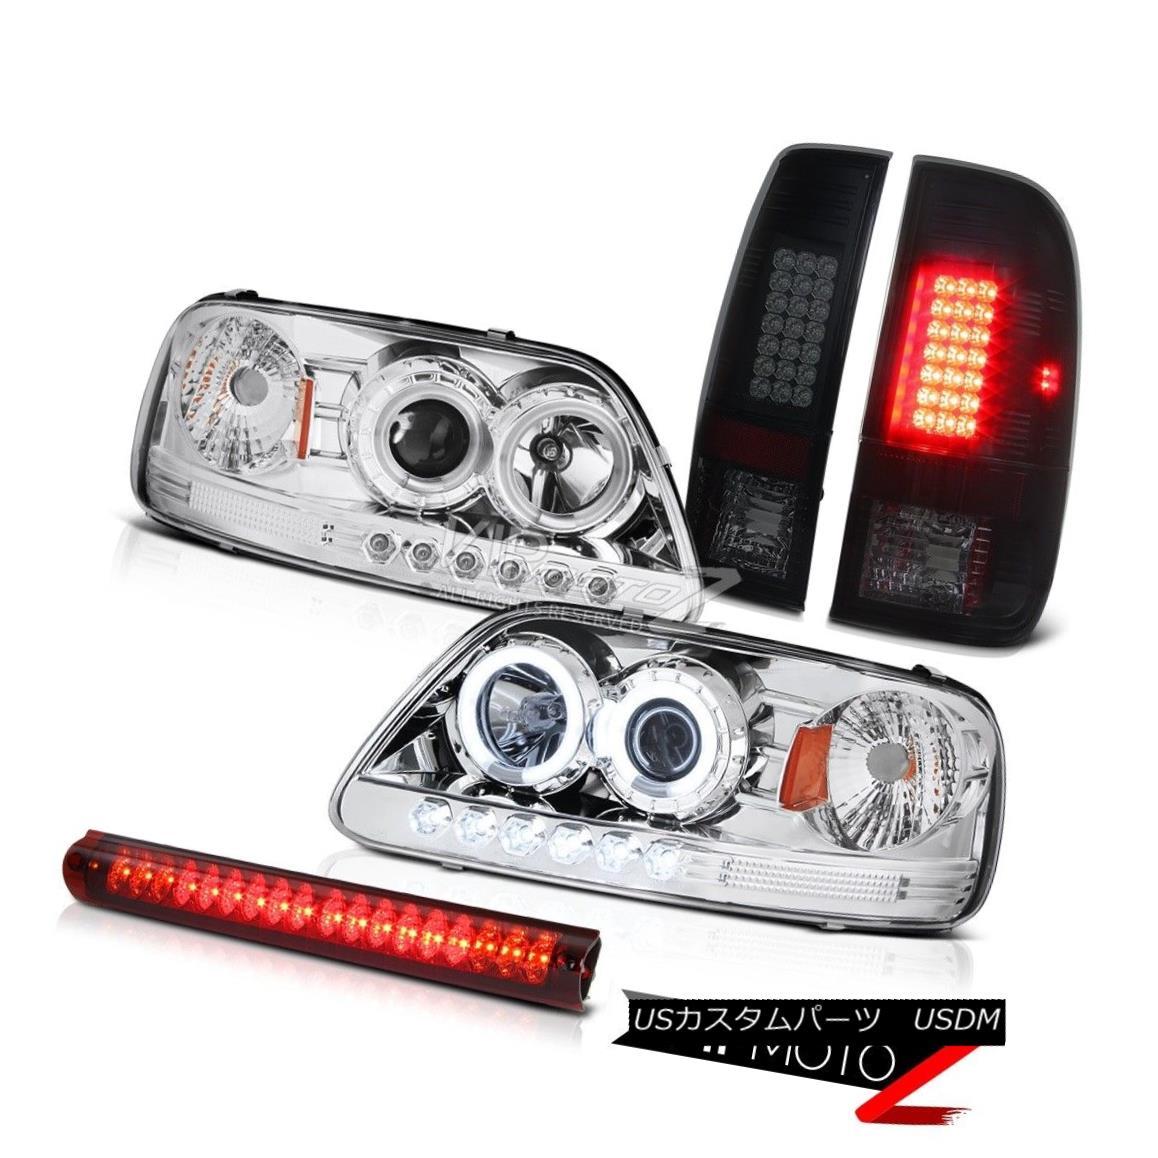 ヘッドライト Headlight CCFL Angel Eye Rear Brake Tail Light LED Roof Stop Lamp Red 97-03 F150 ヘッドライトCCFLエンジェルアイリアブレーキブレーキテールライトLED屋根ストップランプレッド97-03 F150